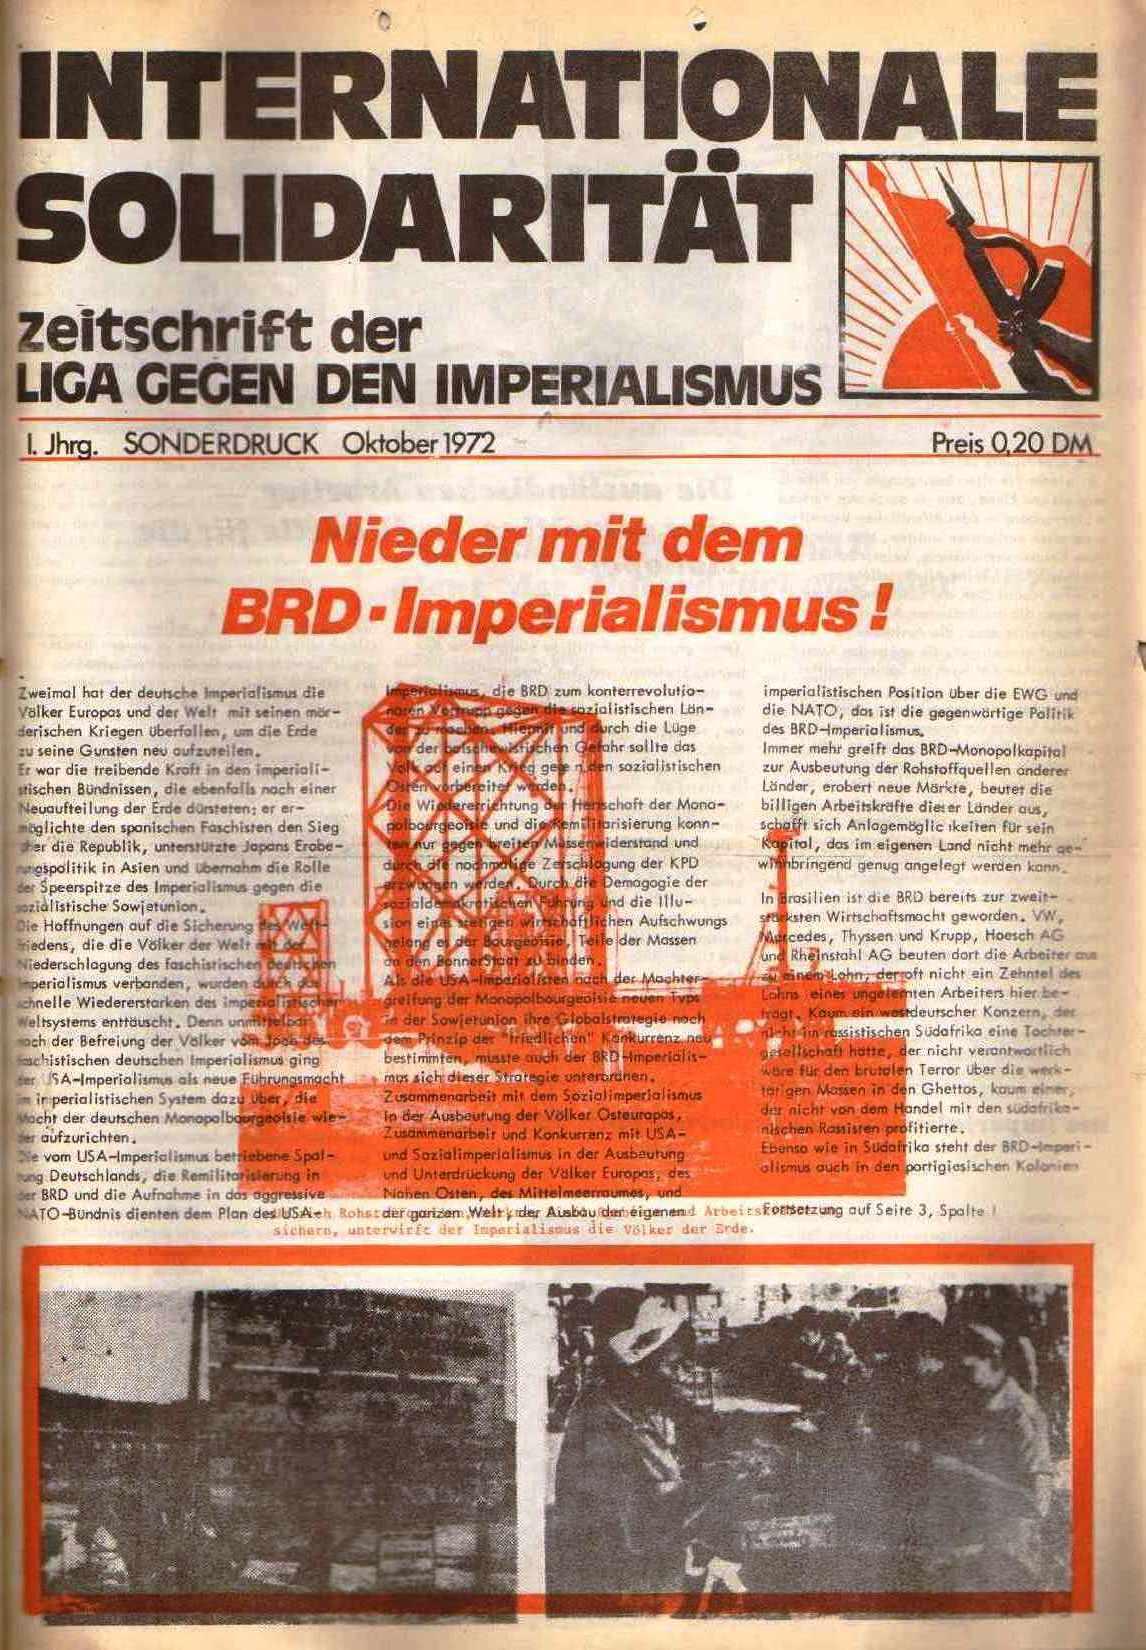 Liga_IS_1972_Okt_Sonderdruck_01